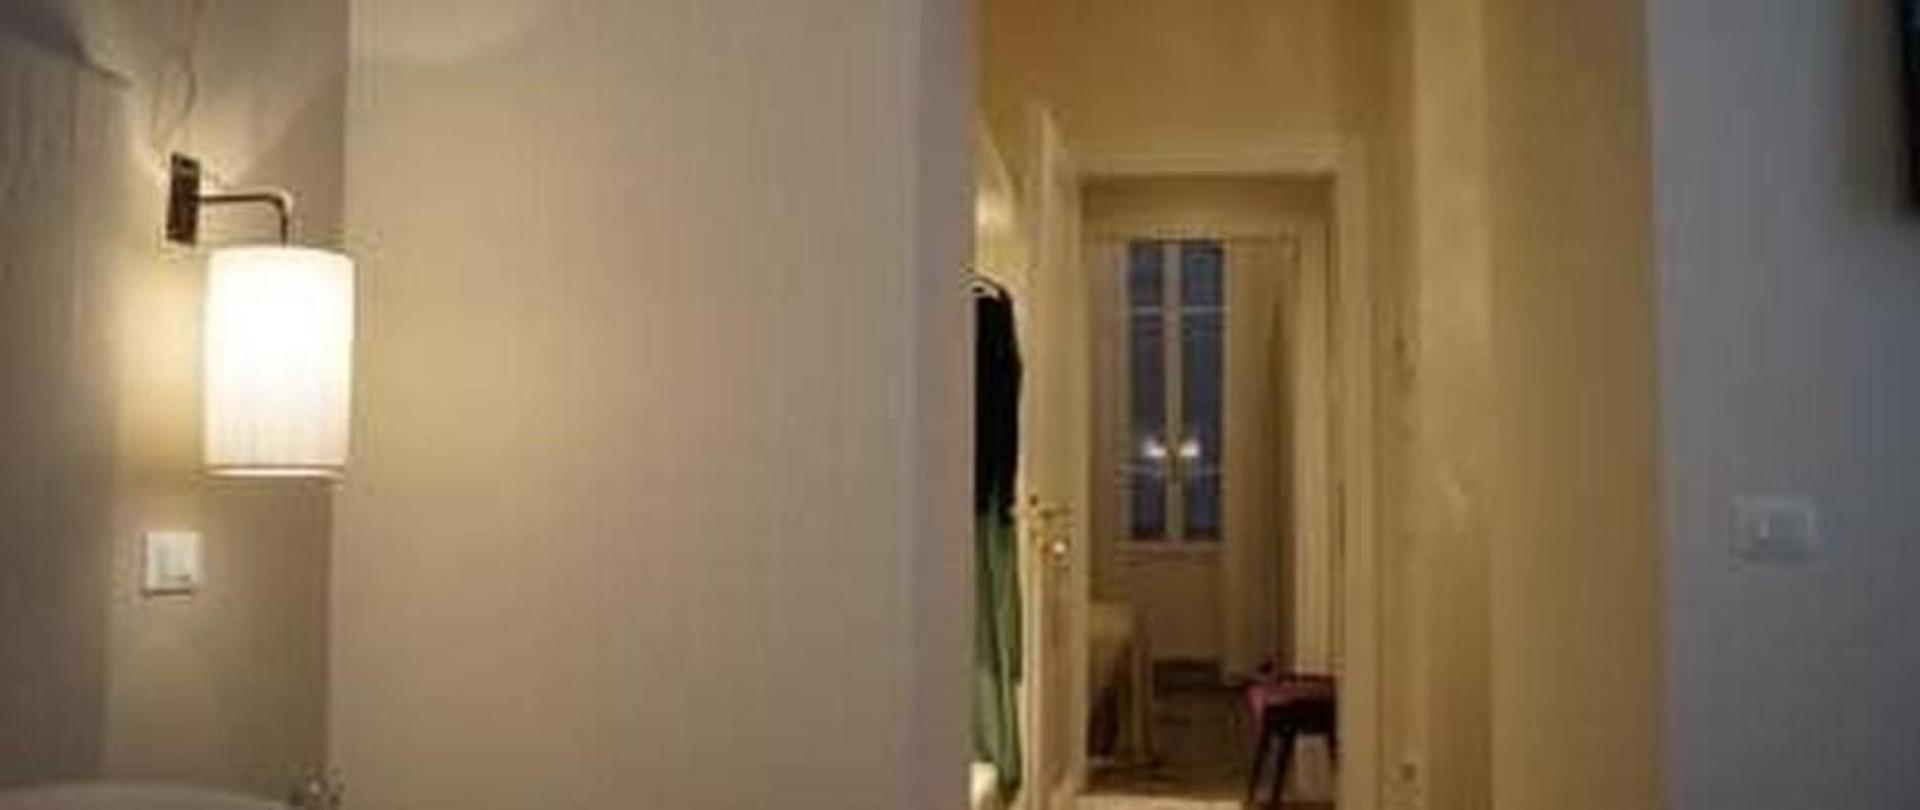 stanze-2-2.jpg